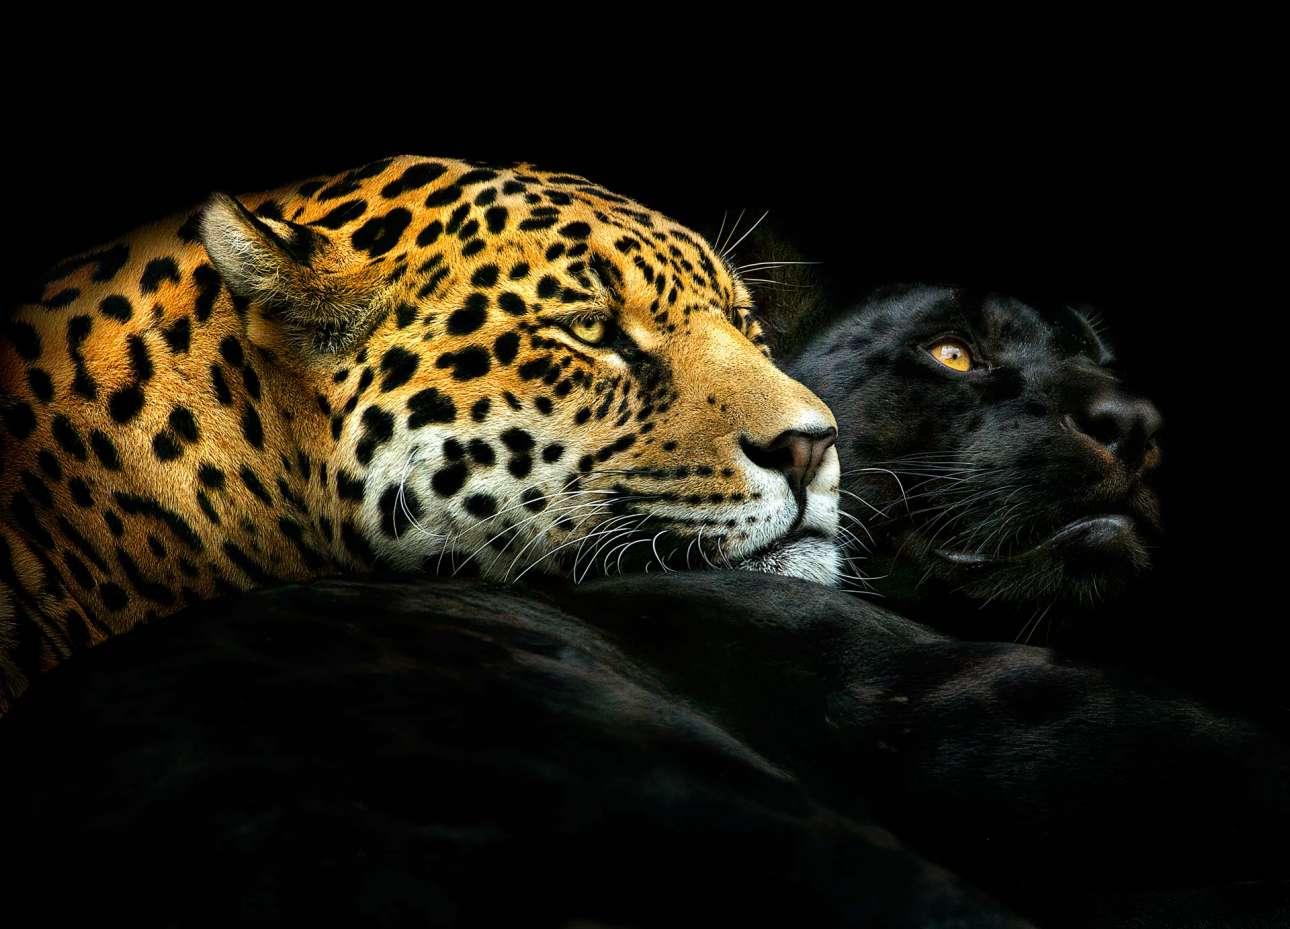 Πρώτο βραβείο, κατηγορία «Ζώα». Ο Εβενος (Ebony) και η Ιβουάρ (Ivory), ενα εκπληκτικό πορτρέτο με δύο ερωτευμένες λεοπαρδάλεις